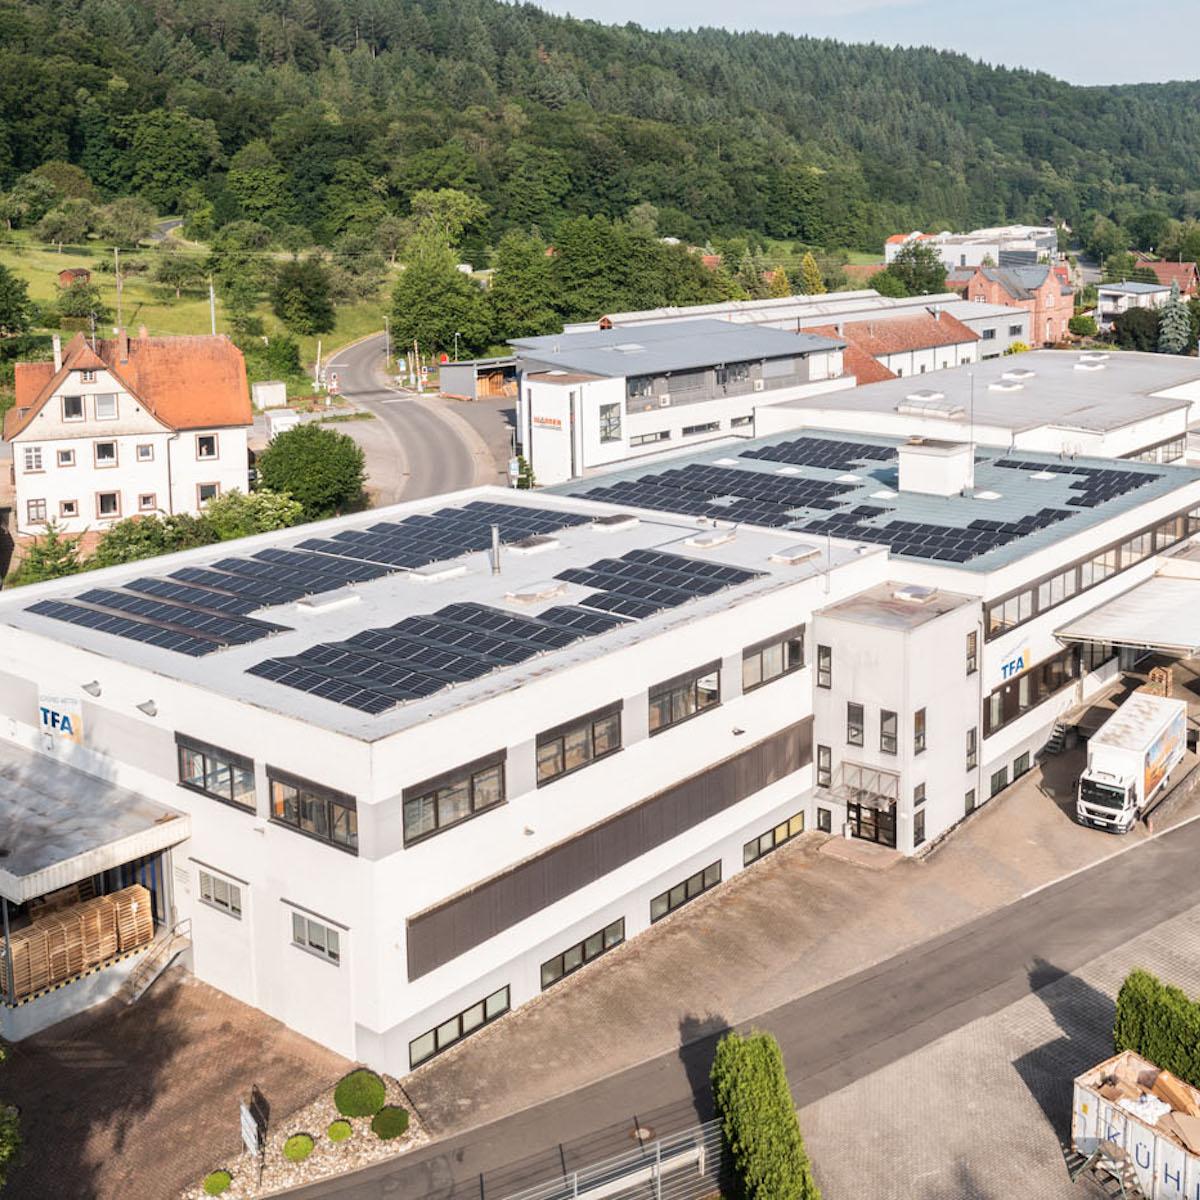 Photovoltaik-Anlage von TFA aufgenommen mit einer Drohne.